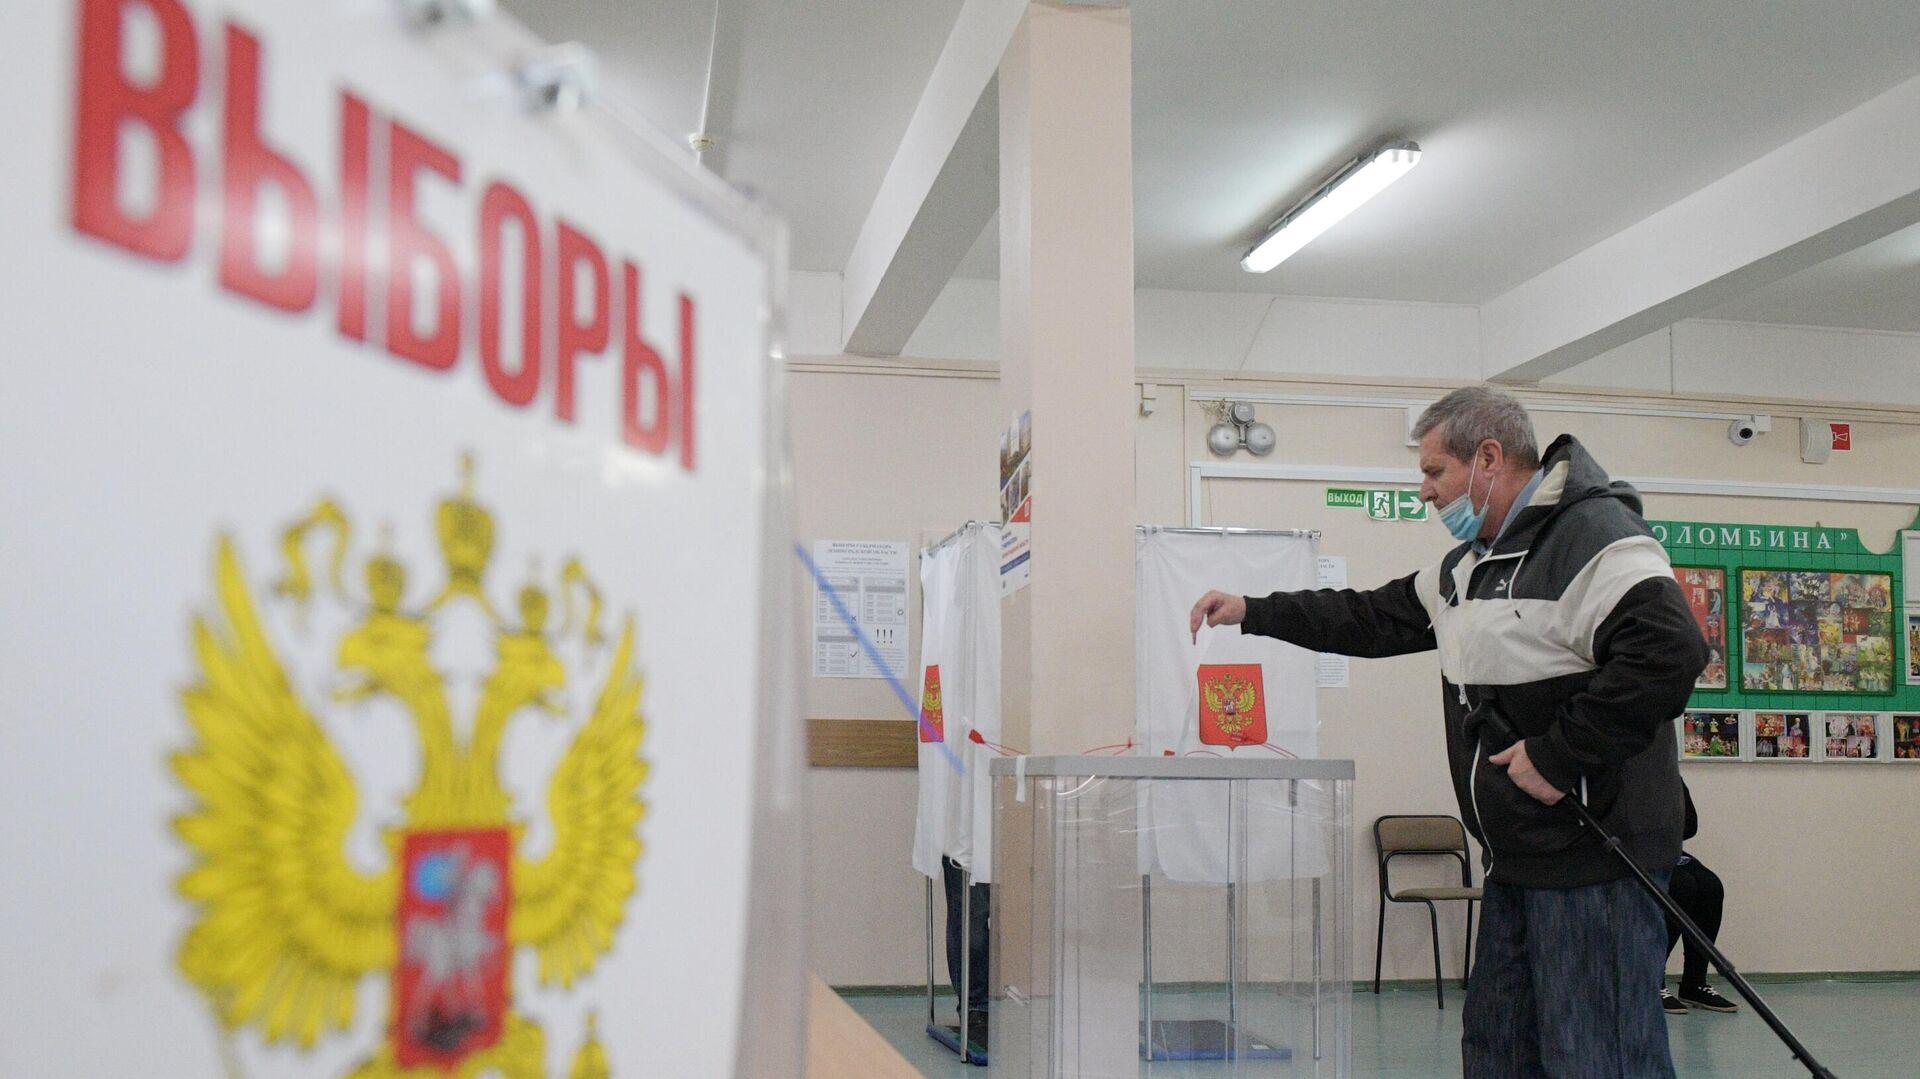 Мужчина опускает бюллетень в урну на избирательном участке - РИА Новости, 1920, 14.09.2020